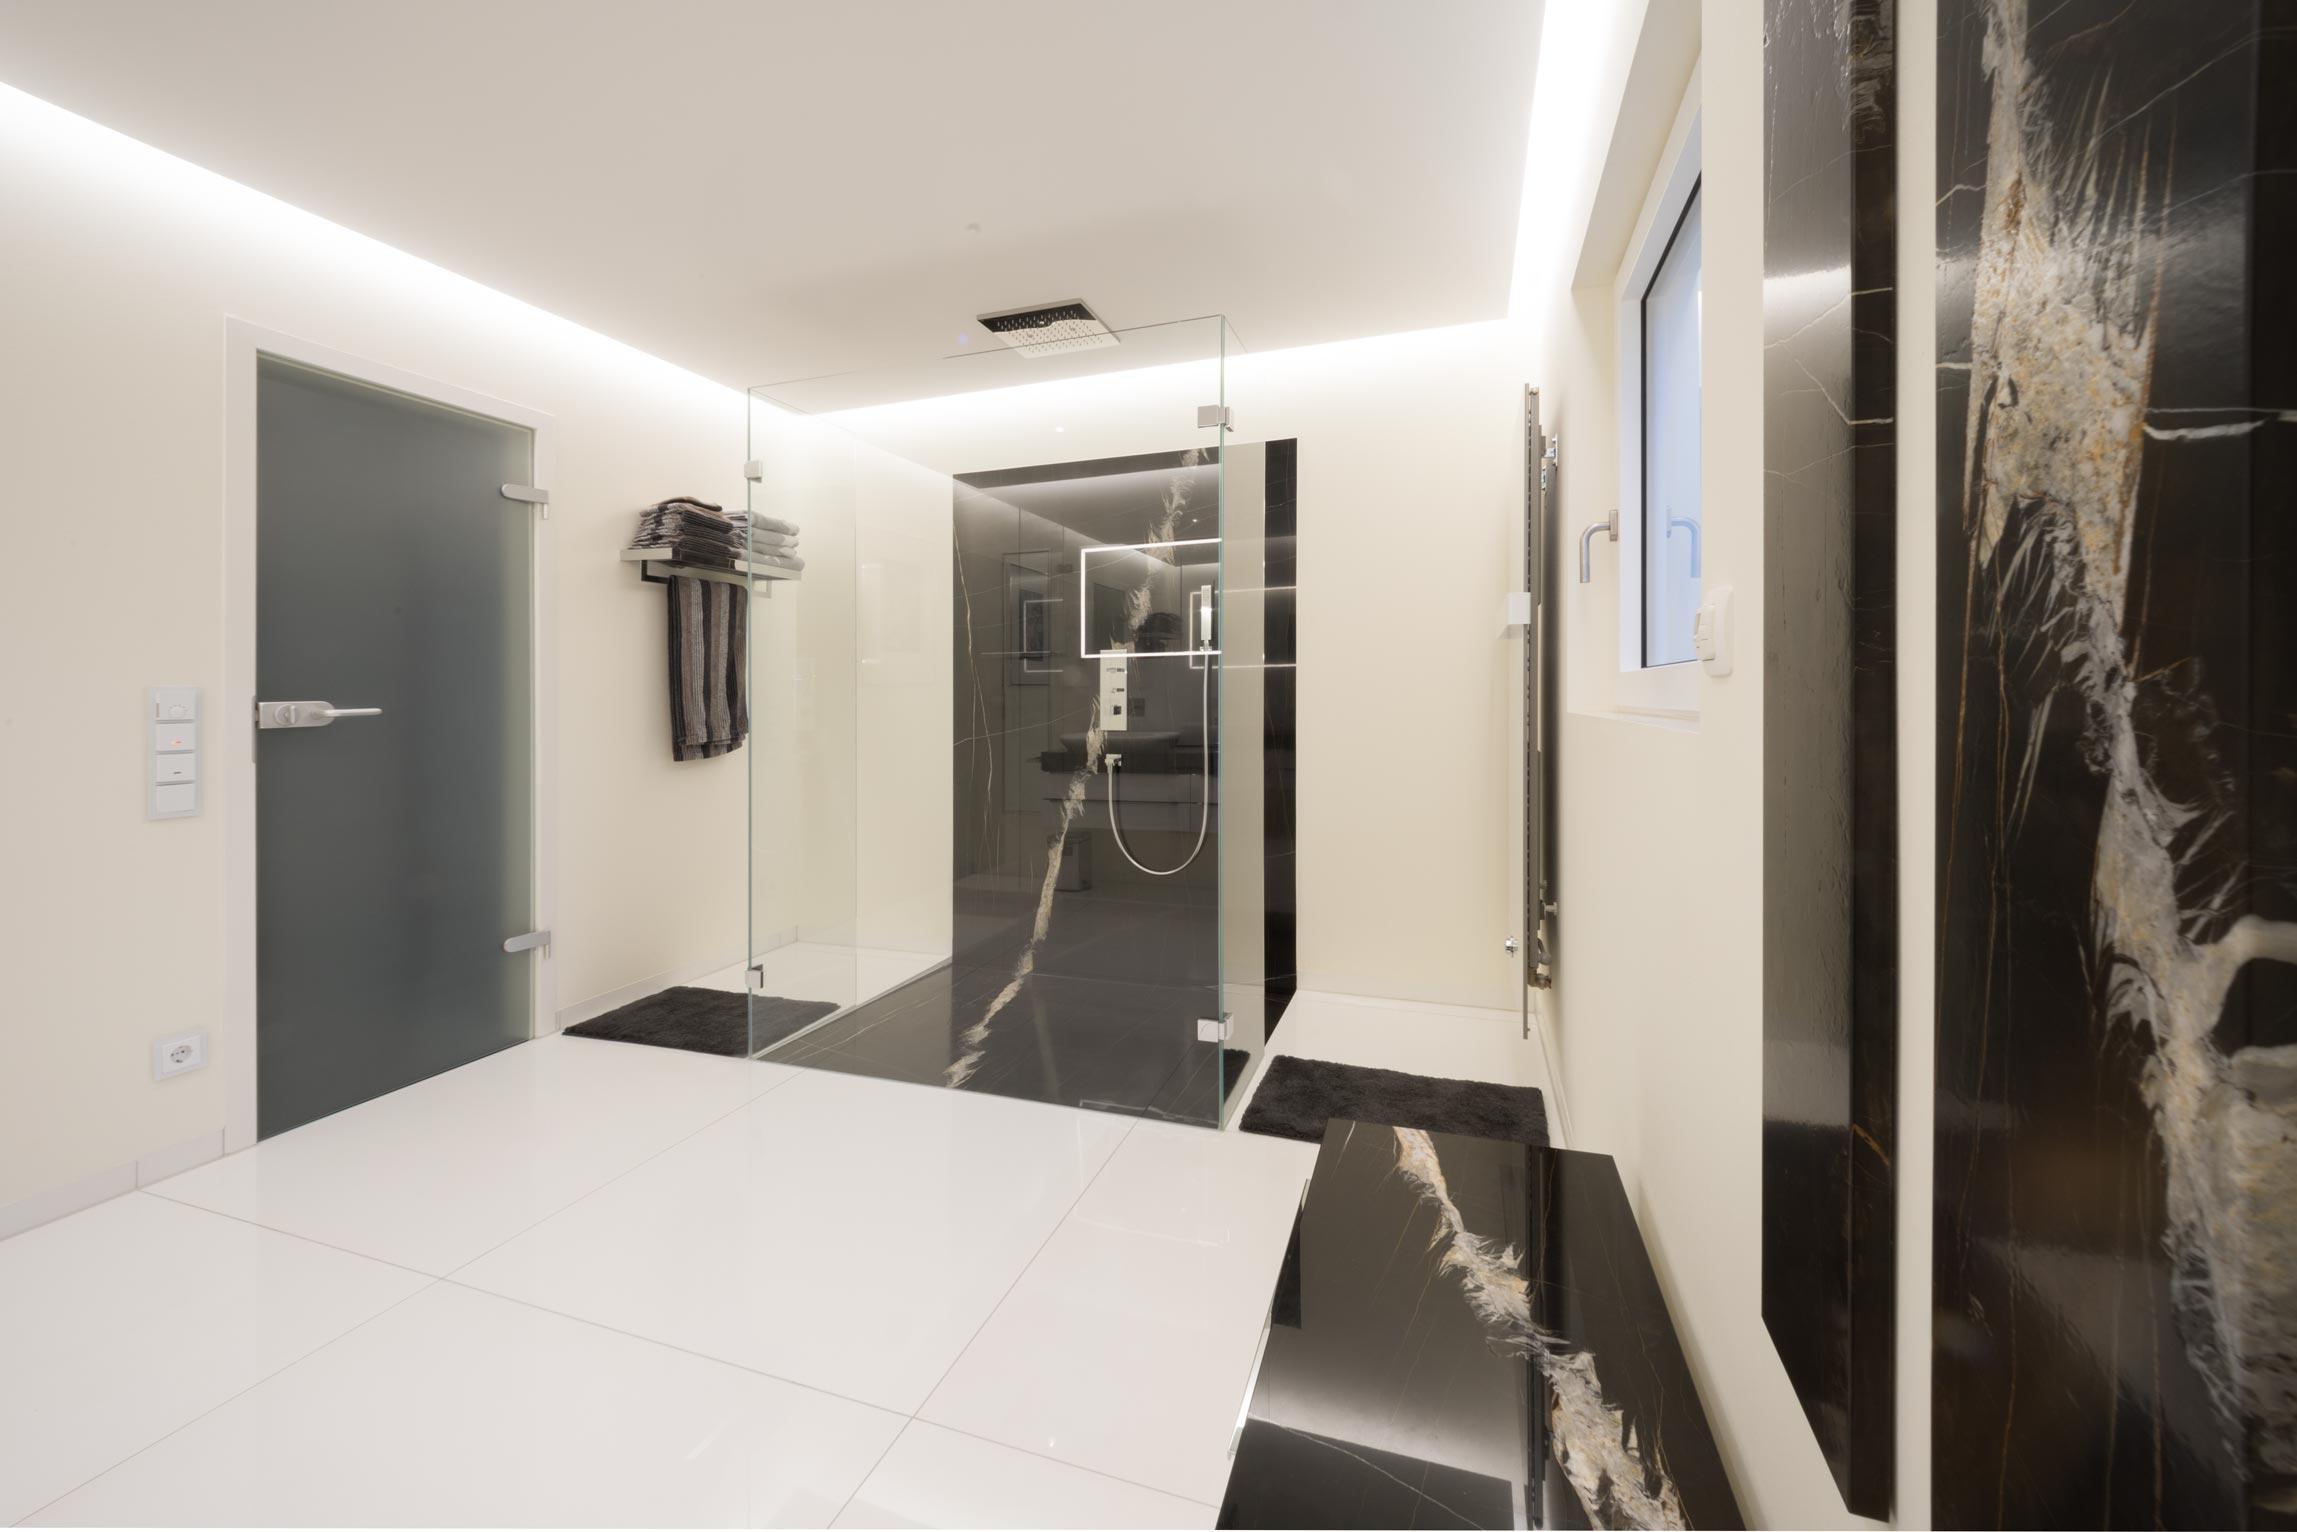 modernes minimalistisches haus interieur